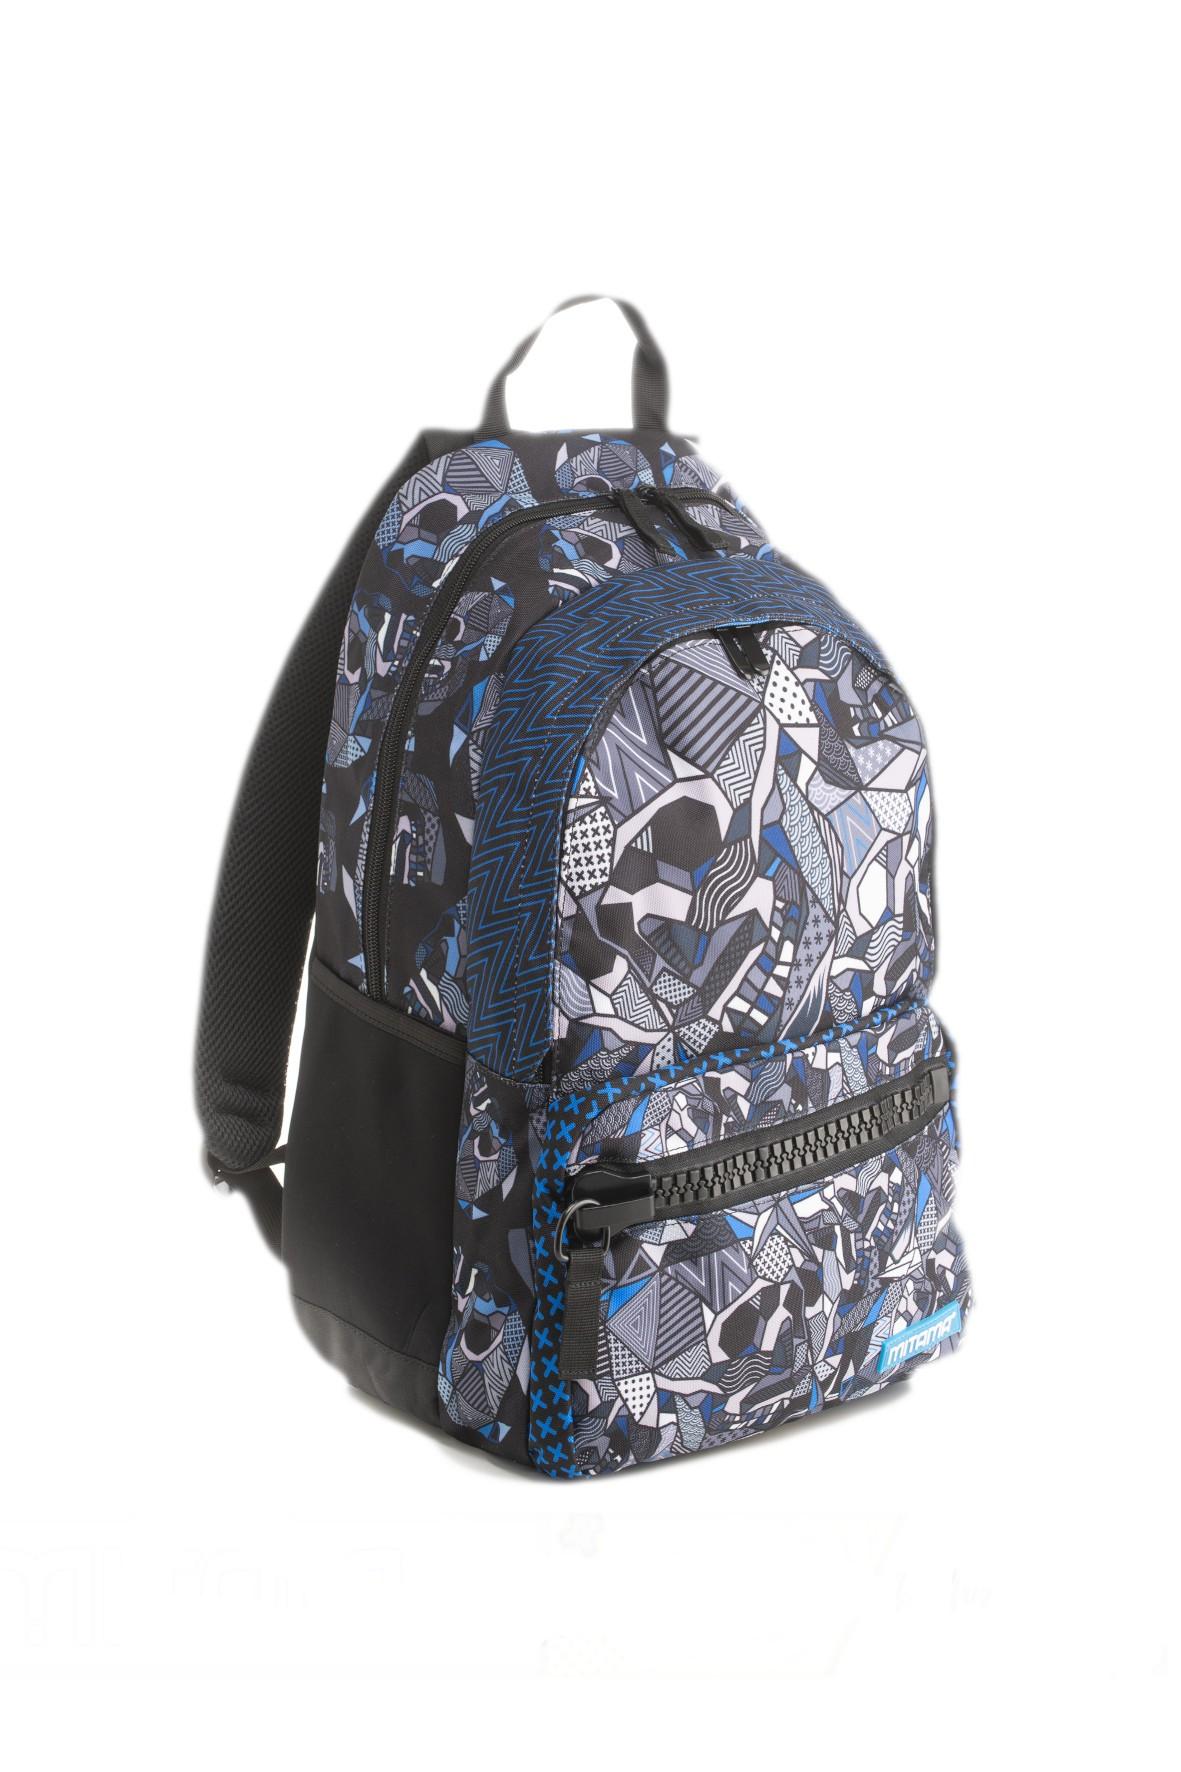 Plecak chłopięcy szkolny Unlimited - czarno-szary